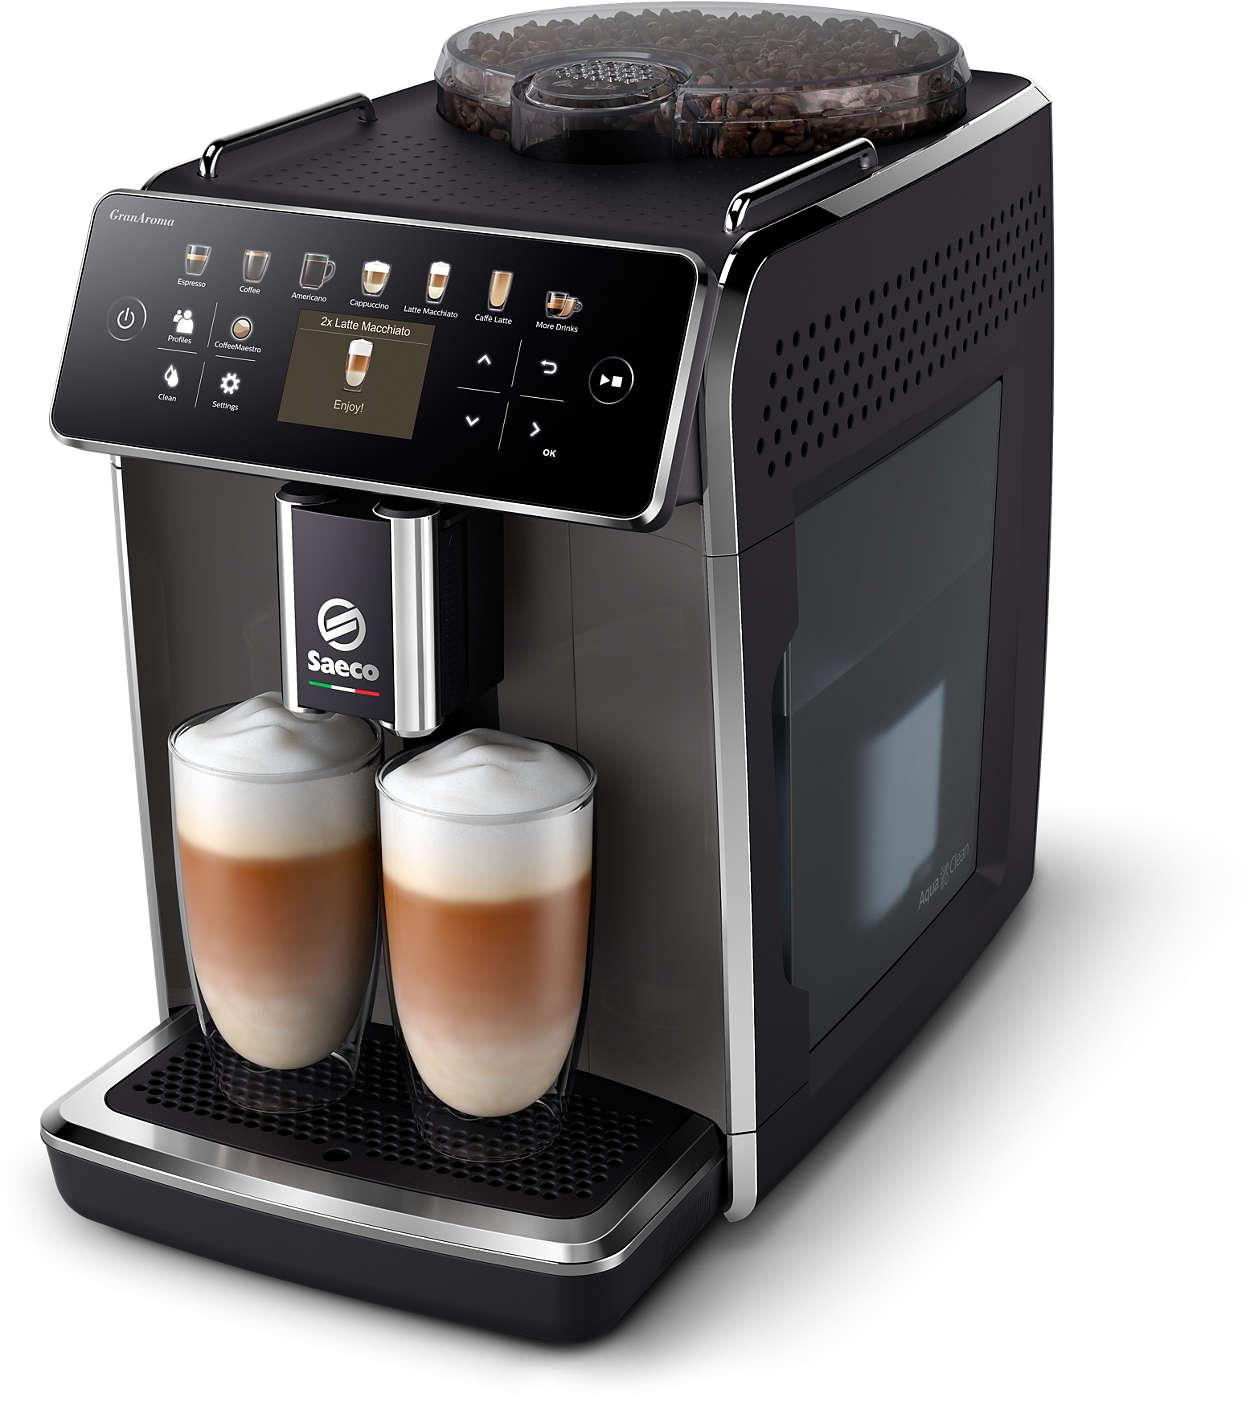 Ihr persönlicher Kaffeegenuss, ganz nach Ihrem Geschmack